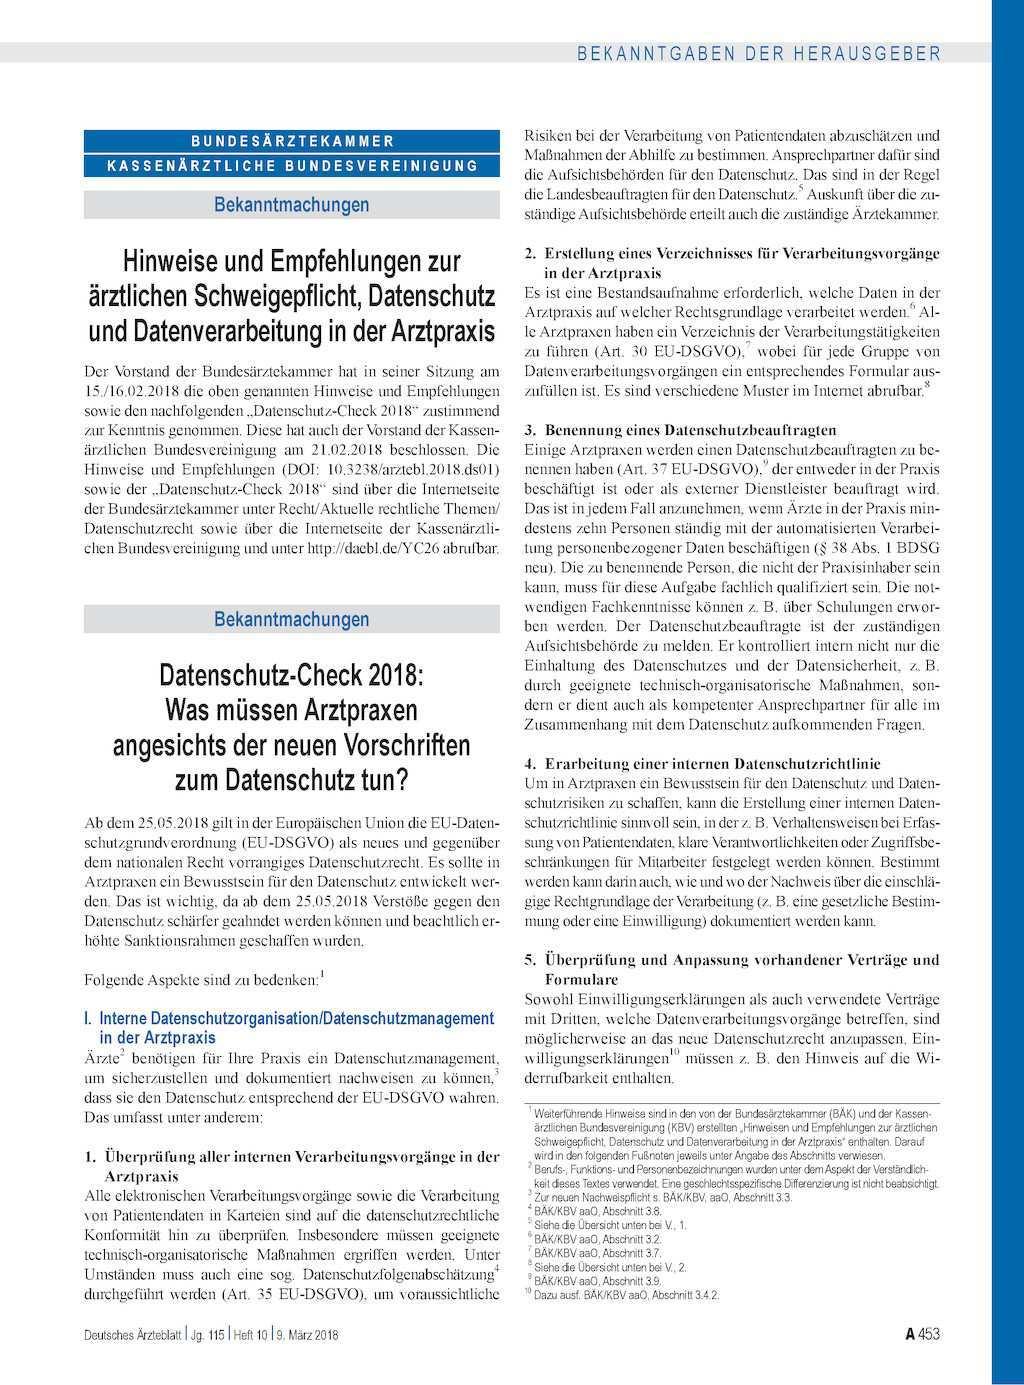 Hinweise Und Empfehlungen Zur Arztlichen Schweigepflicht Datenschutz Und Datenverarbeitung In Der Arztpraxis